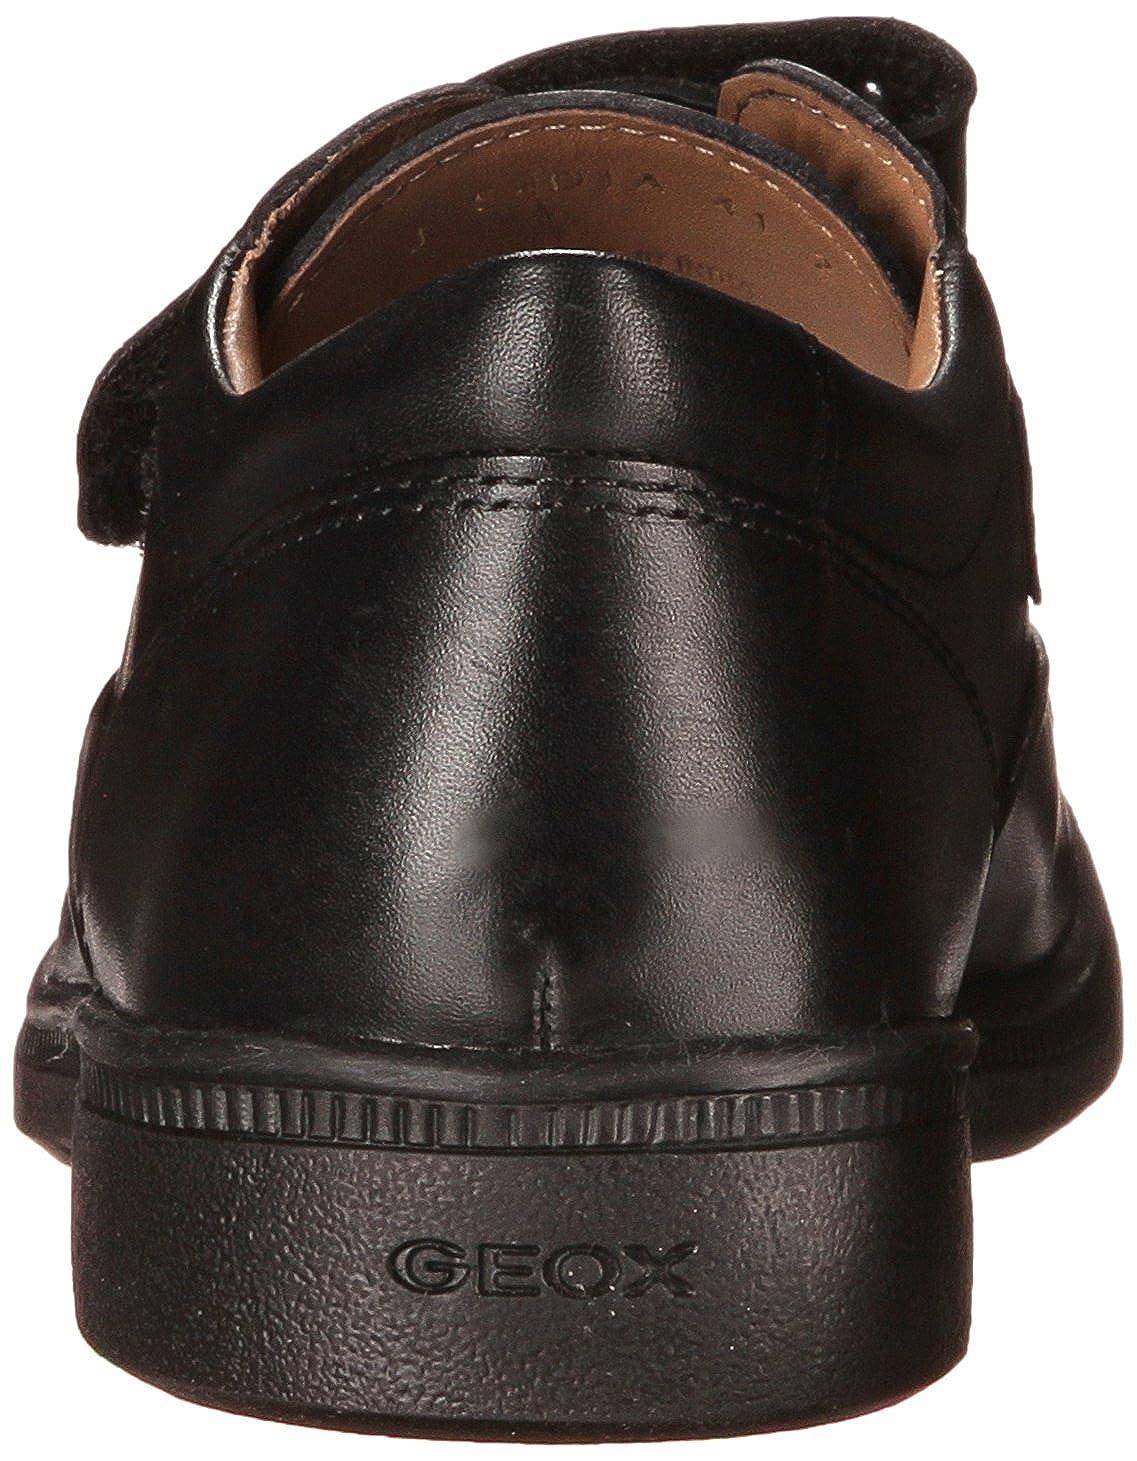 Geox Boys/' Jr Federico a Full Strap Loafer